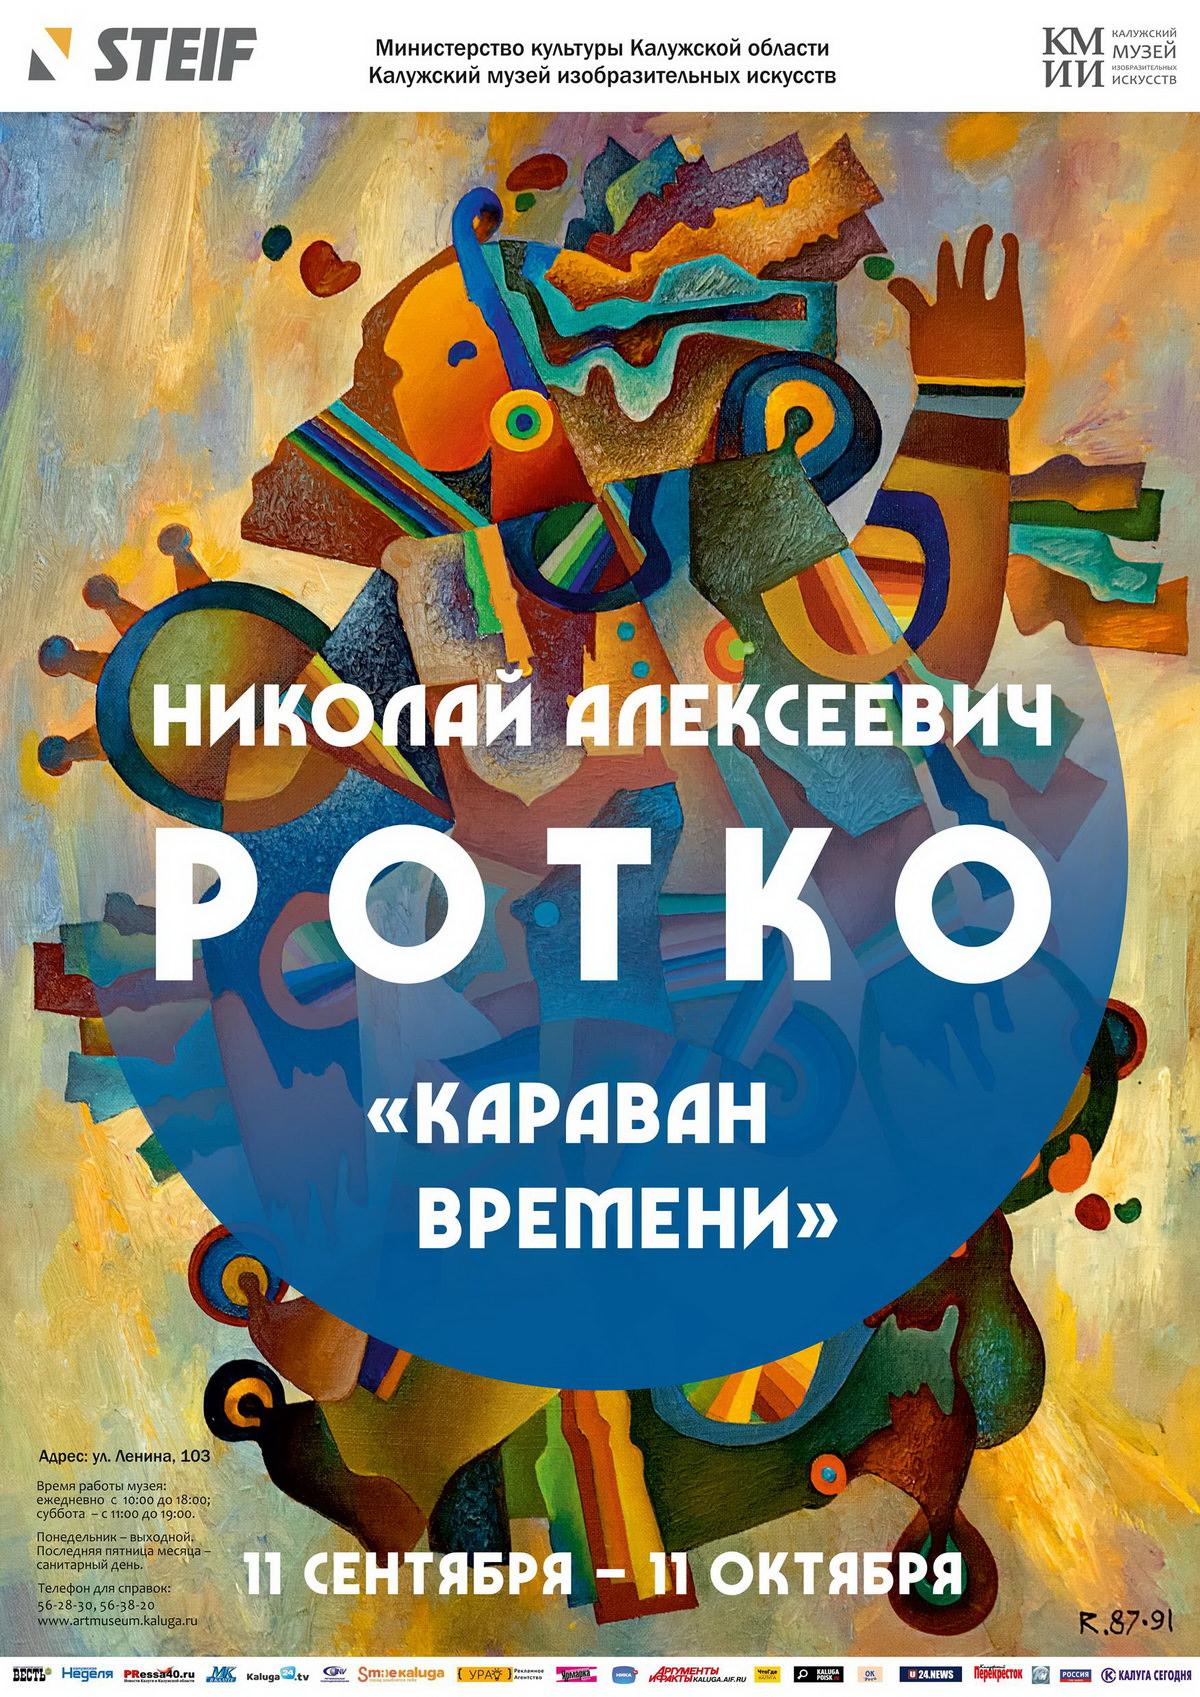 """Exposición de Nikolai Alekseevich Rothko """"Caravana del tiempo"""""""